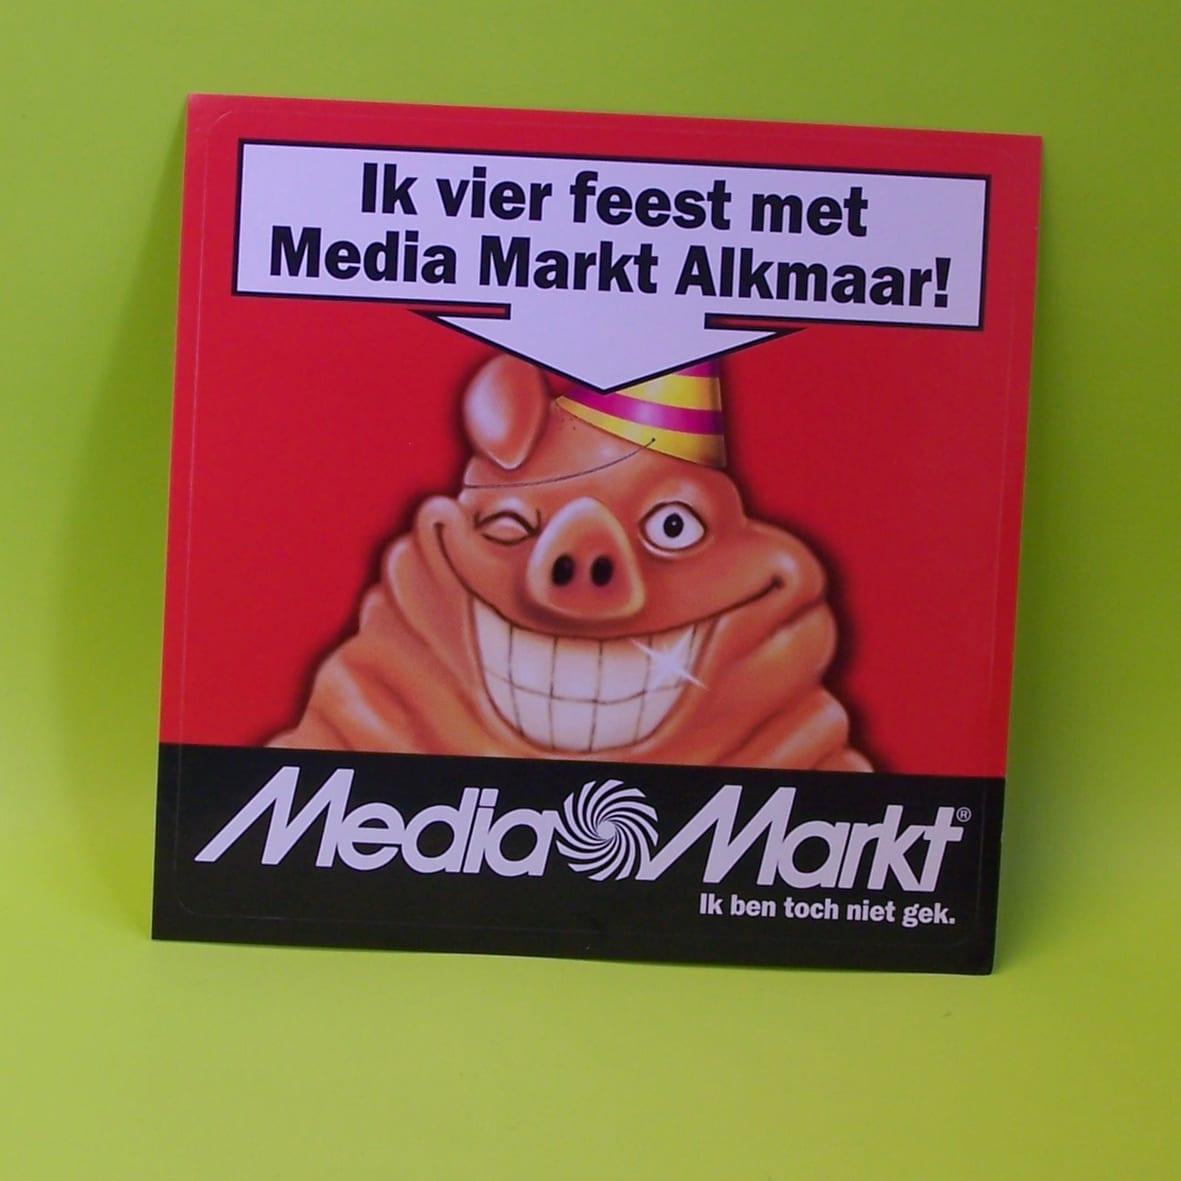 Media Markt & retail